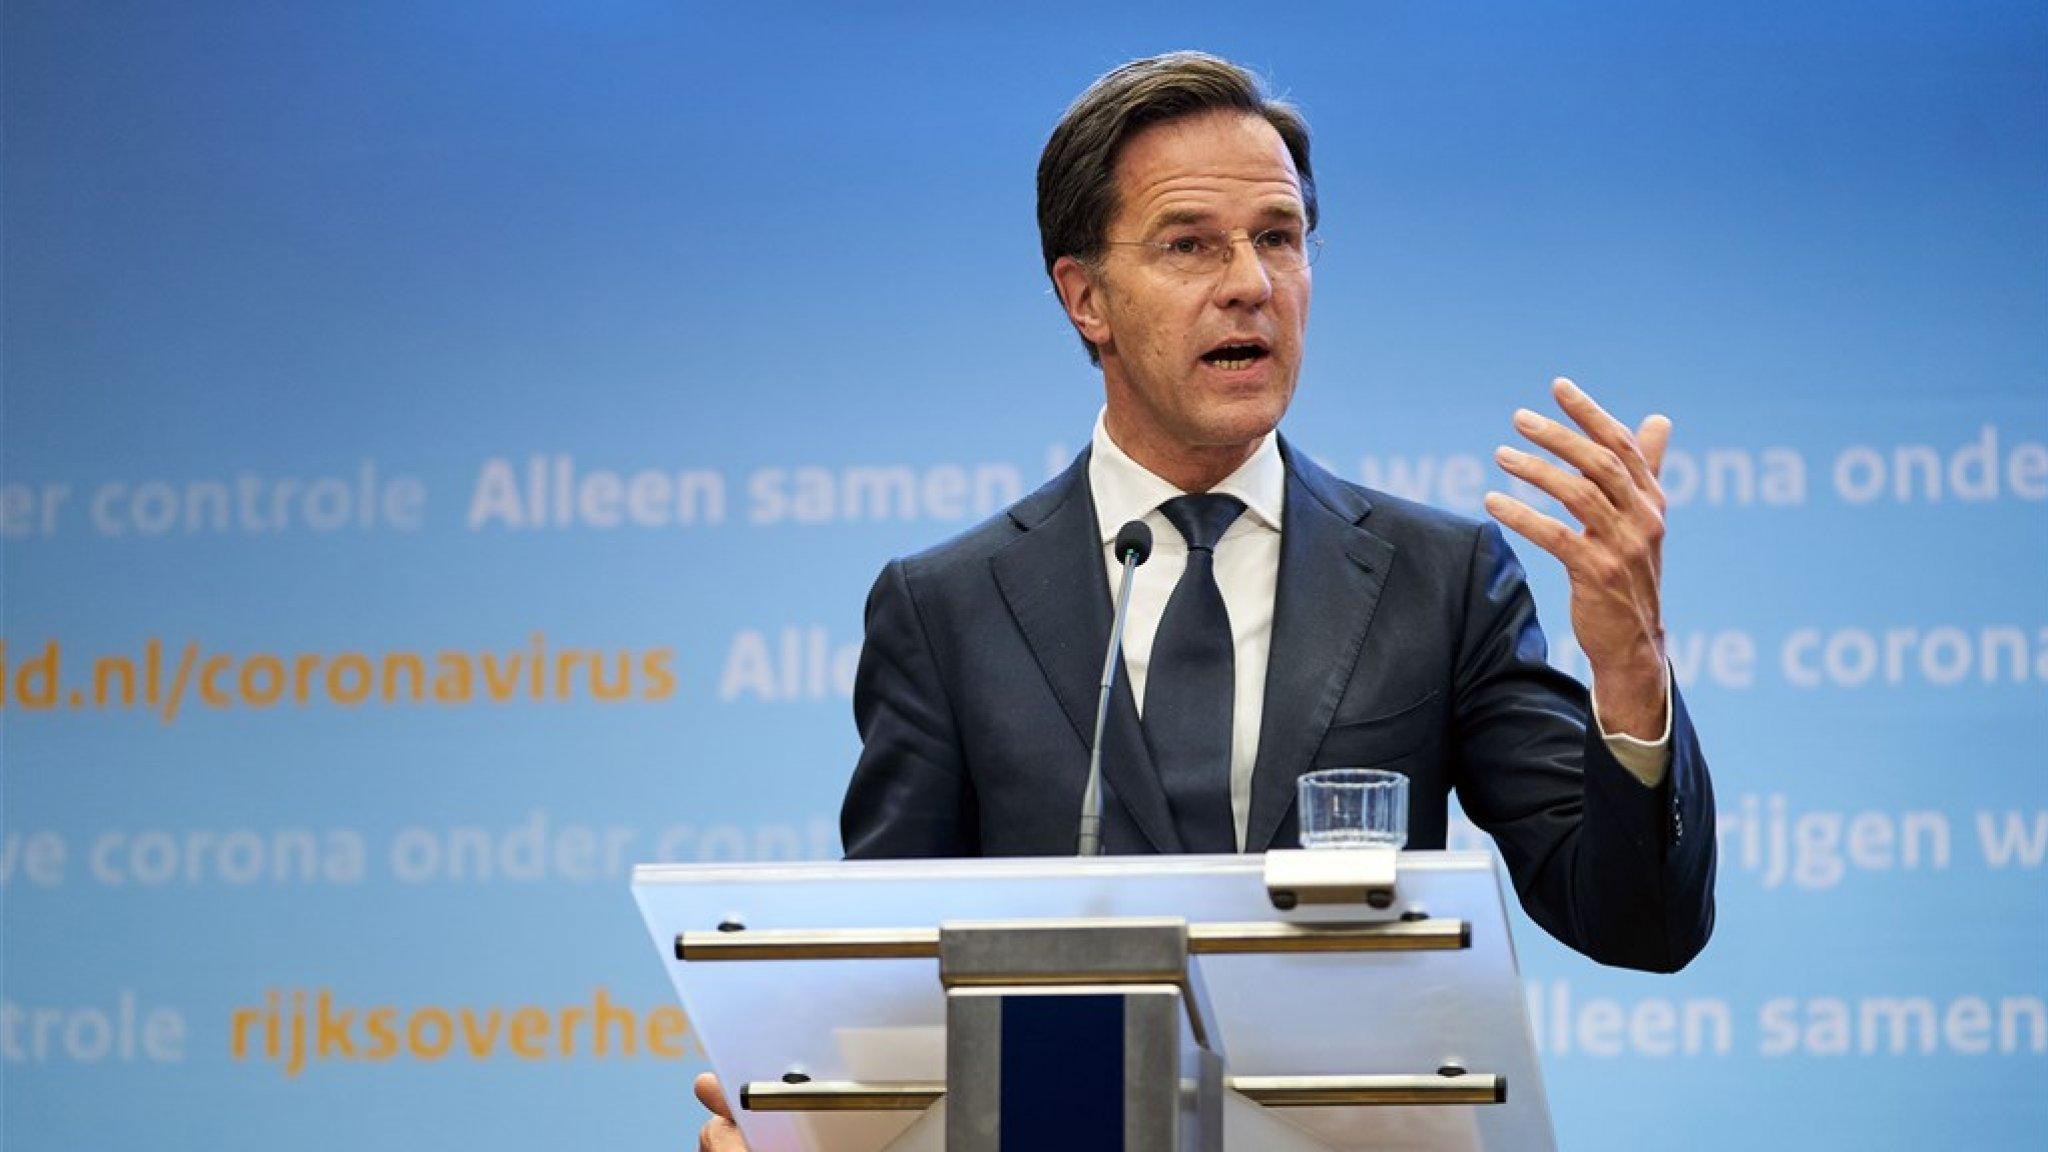 'Persconferentie Rutte Te Moeilijk Voor Laaggeletterden